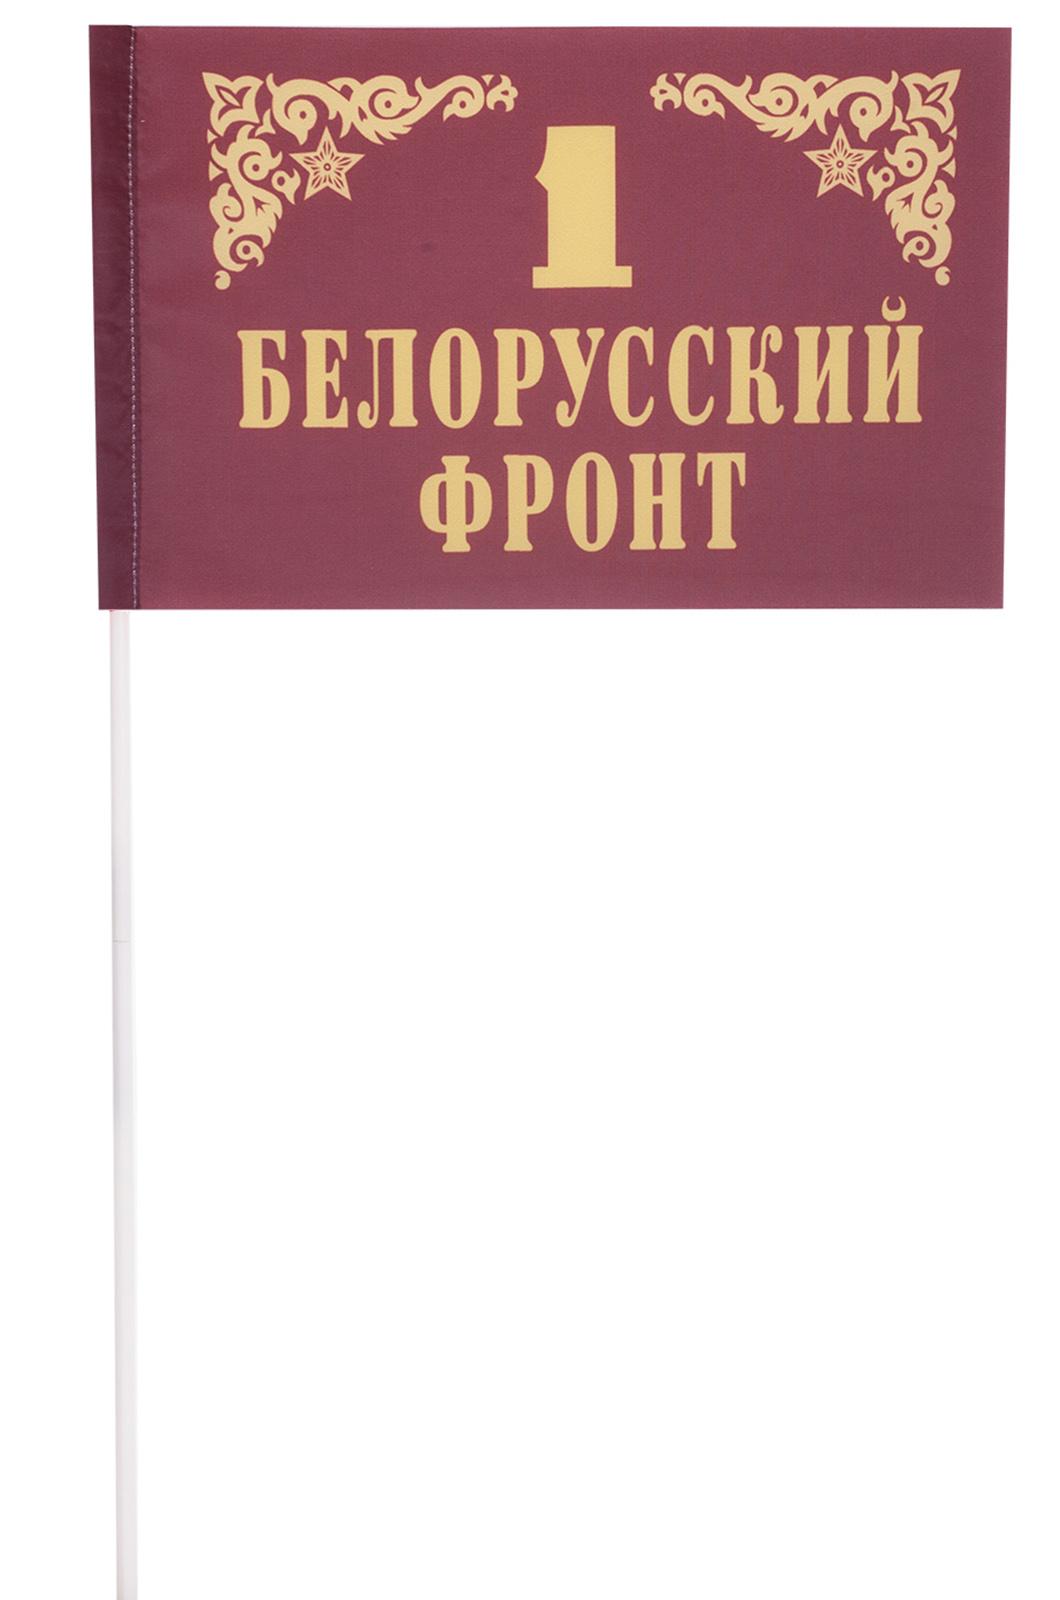 Флажок Первого Белорусского фронта